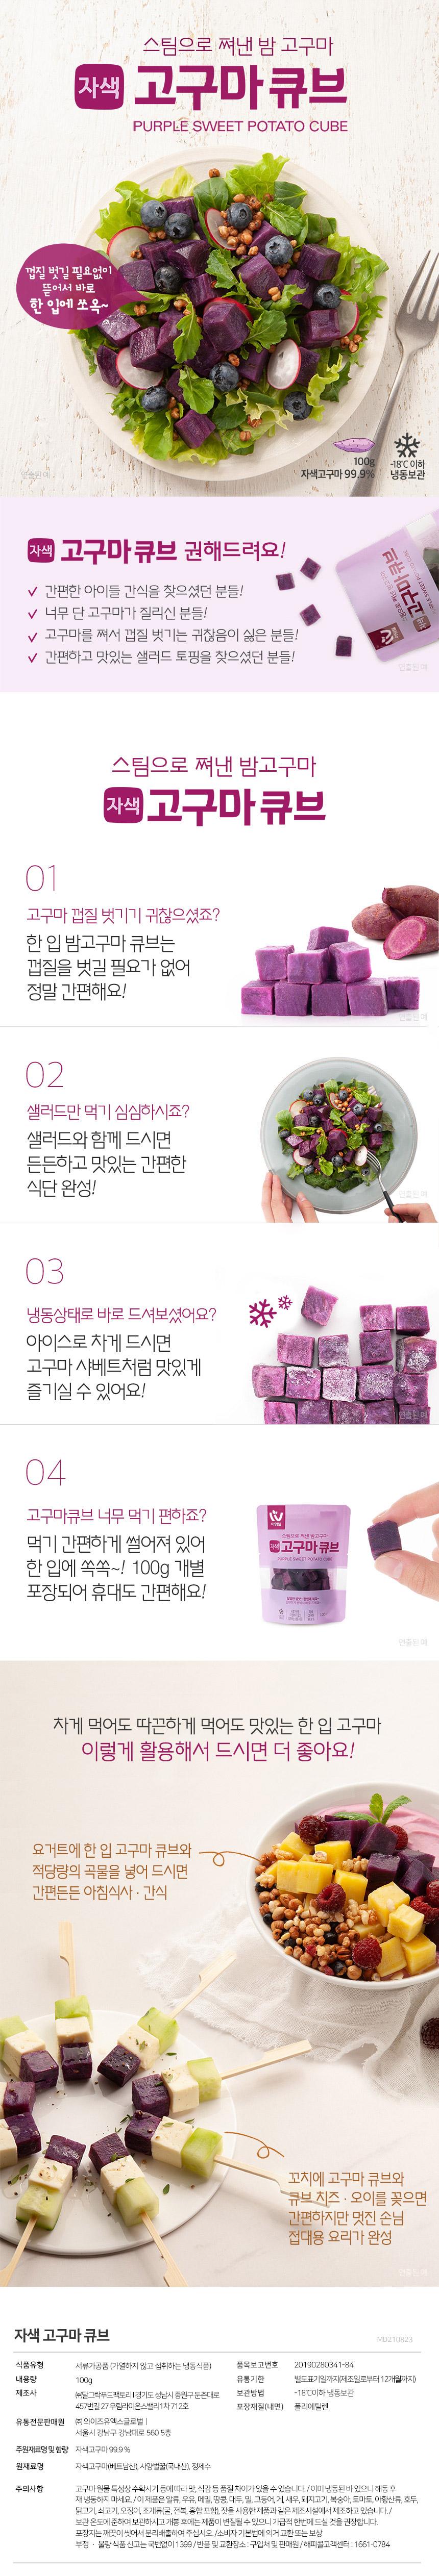 06_03_01_detail_steam_purplepotato.jpg